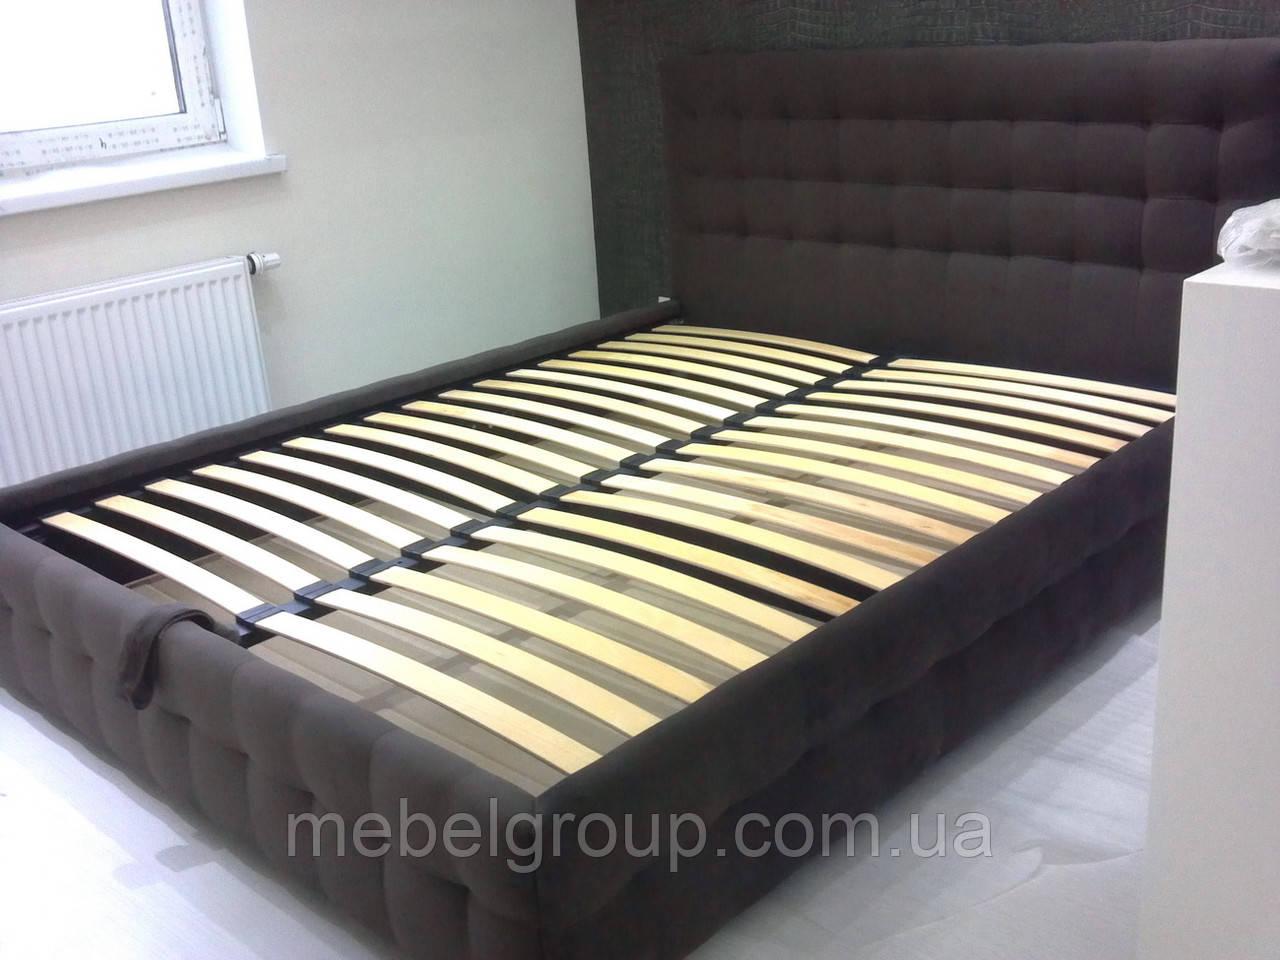 Ліжко Еванс 180*200, з механізмом